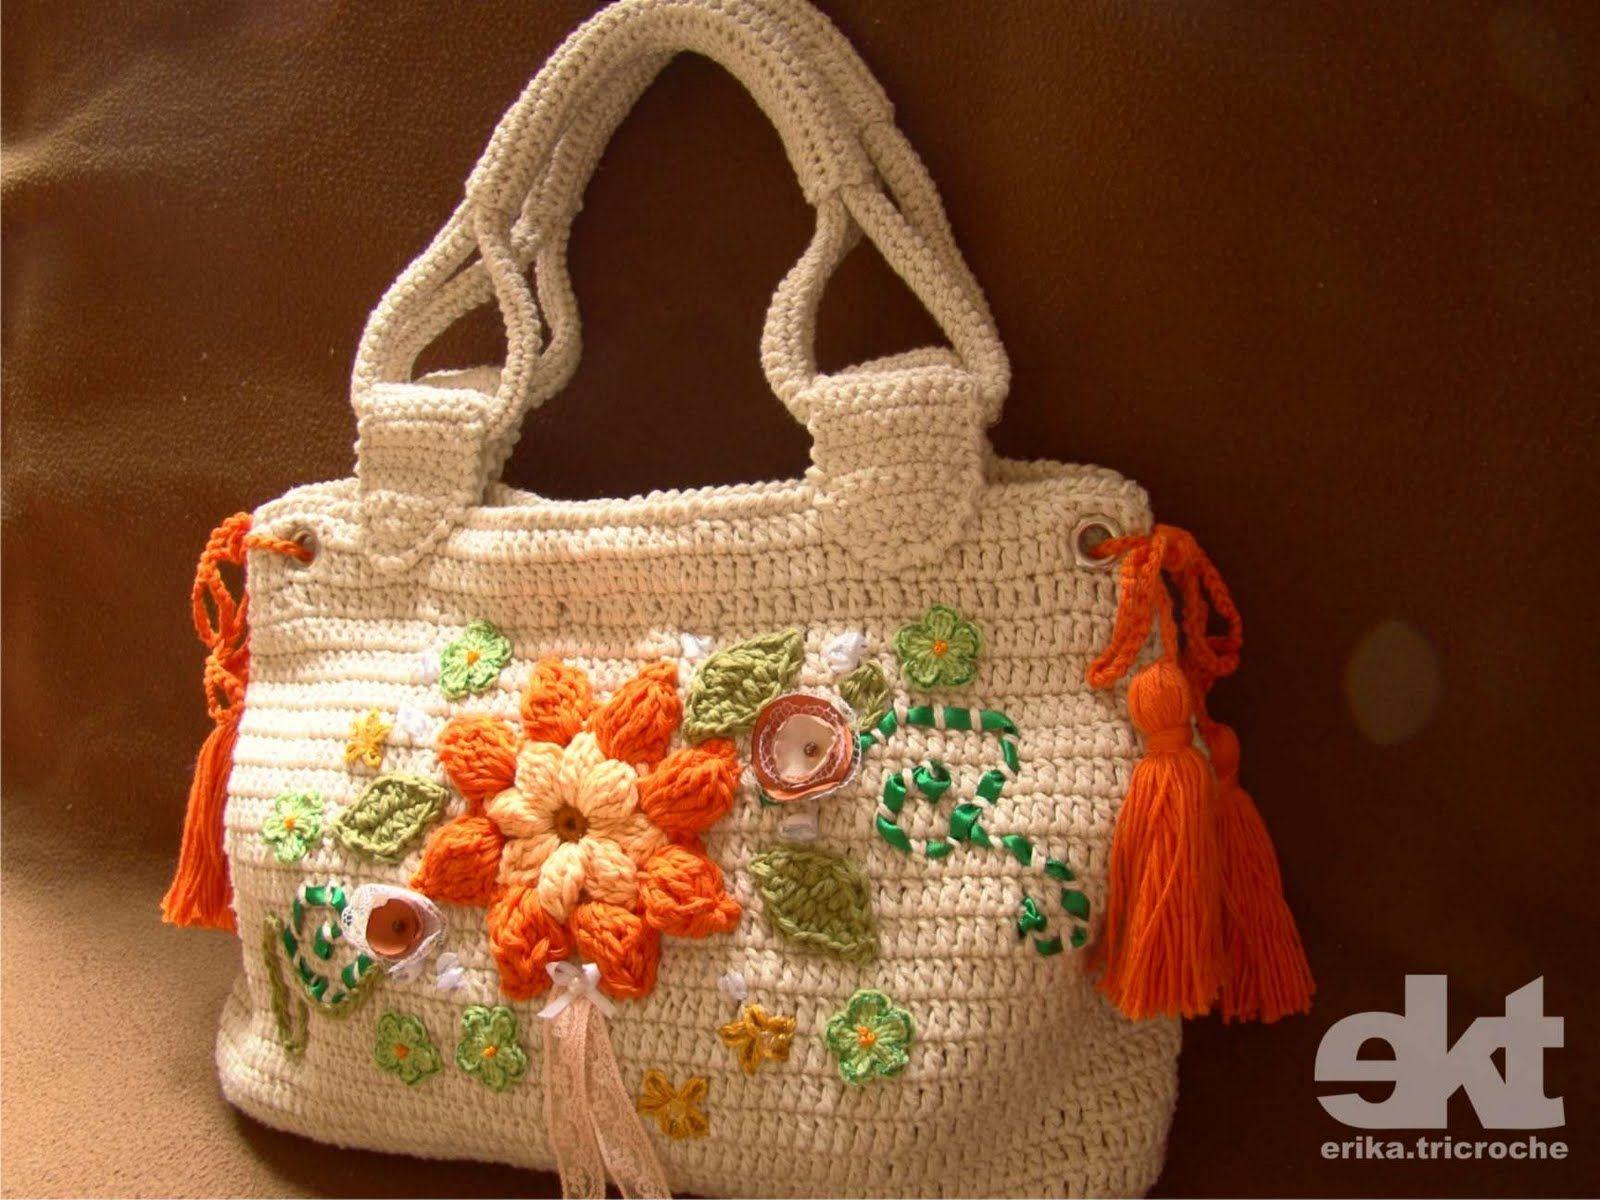 Üzeri-renkli-çiçek-işlemeli-çanta-modeli